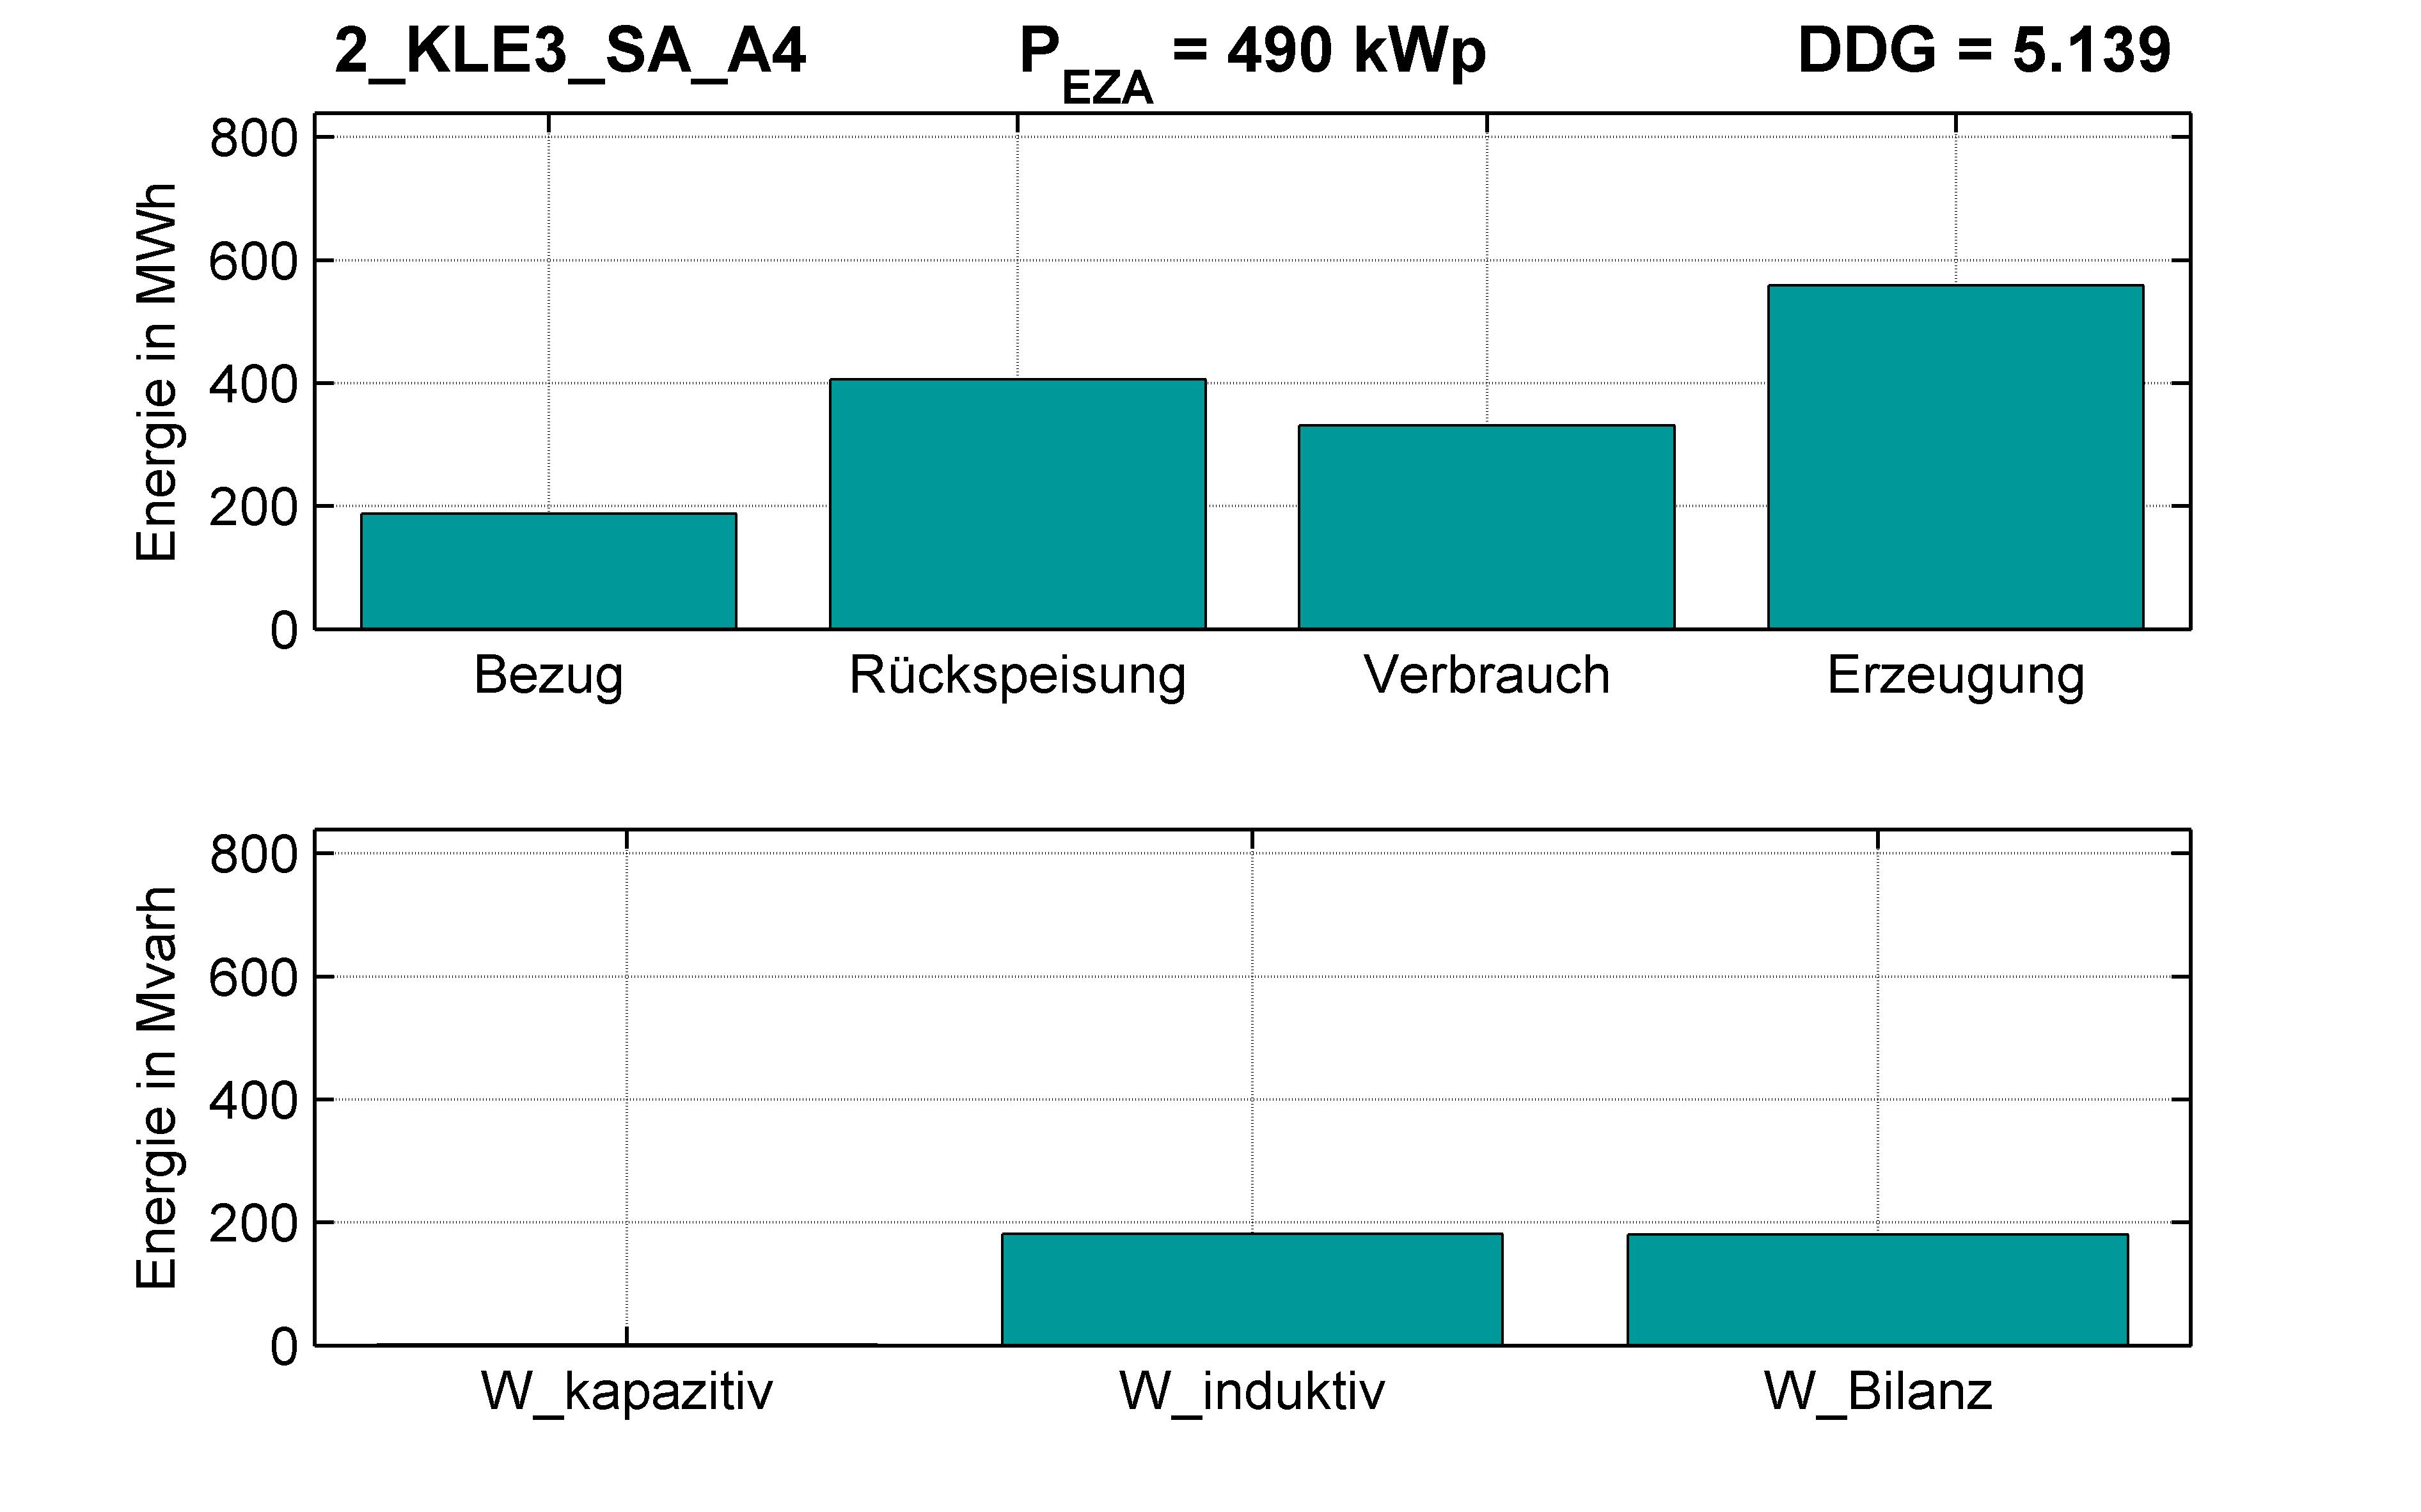 KLE3 | P-Kappung 85% (SA) A4 | PQ-Bilanz